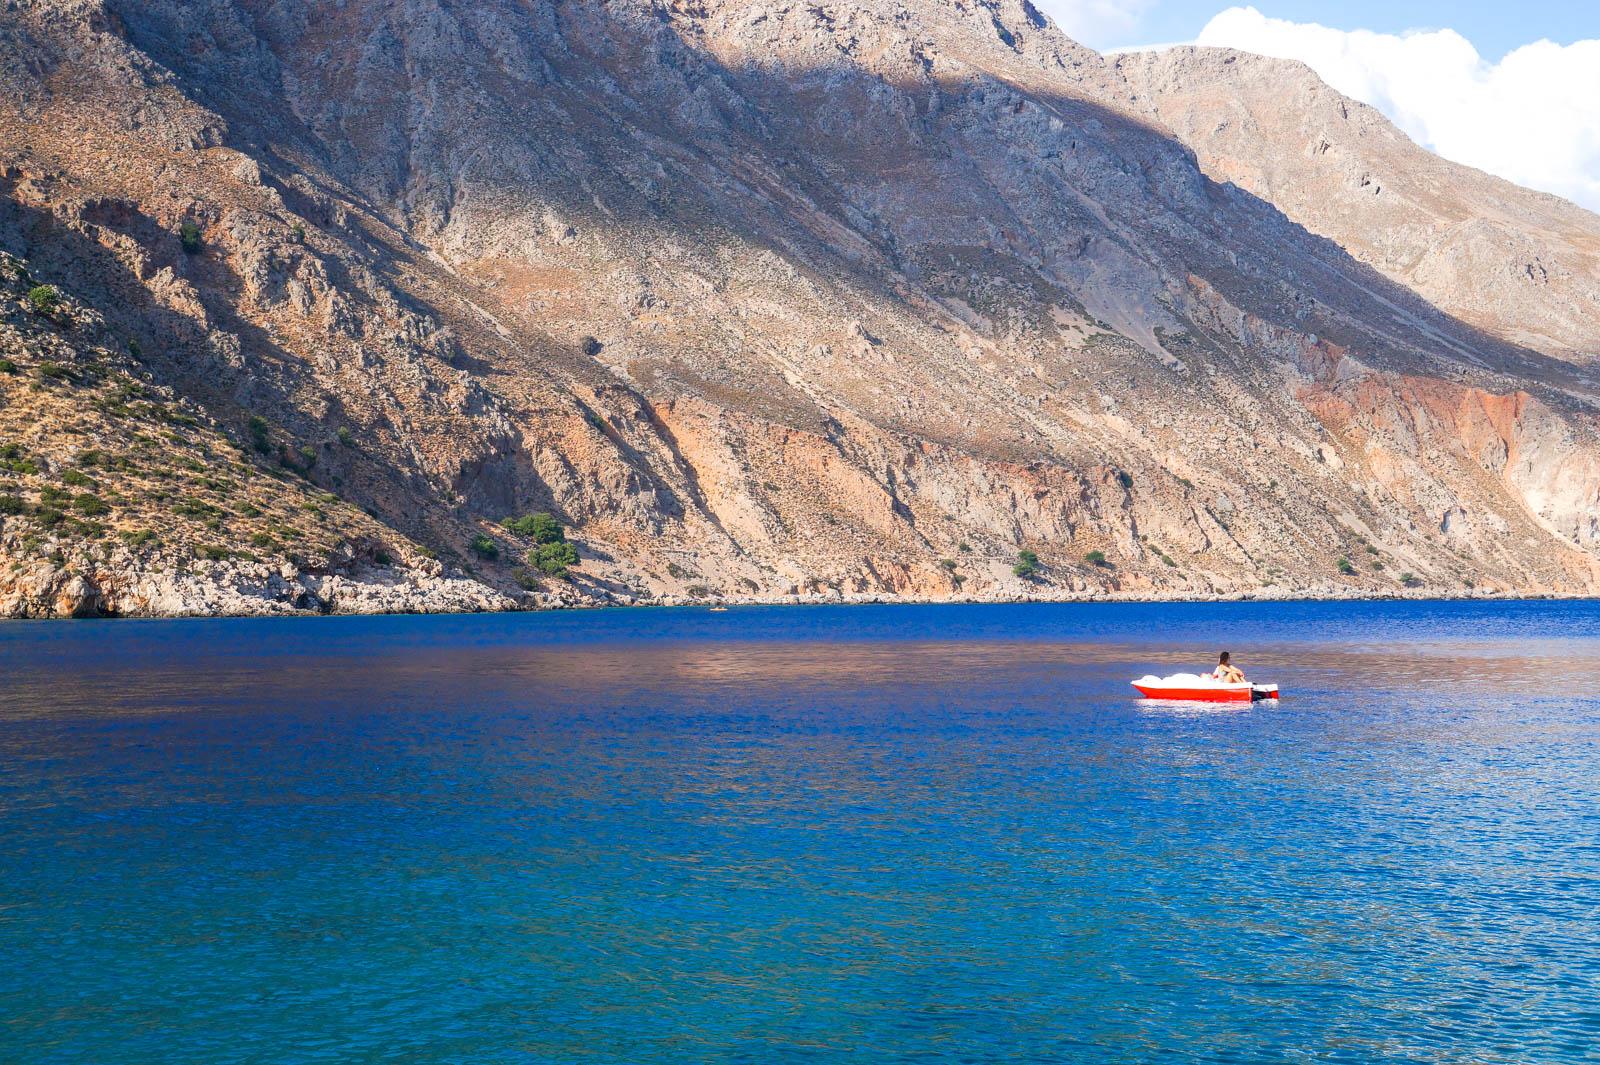 loutro-crete-greece-la-vie-en-blog-all-rights-reserved-19